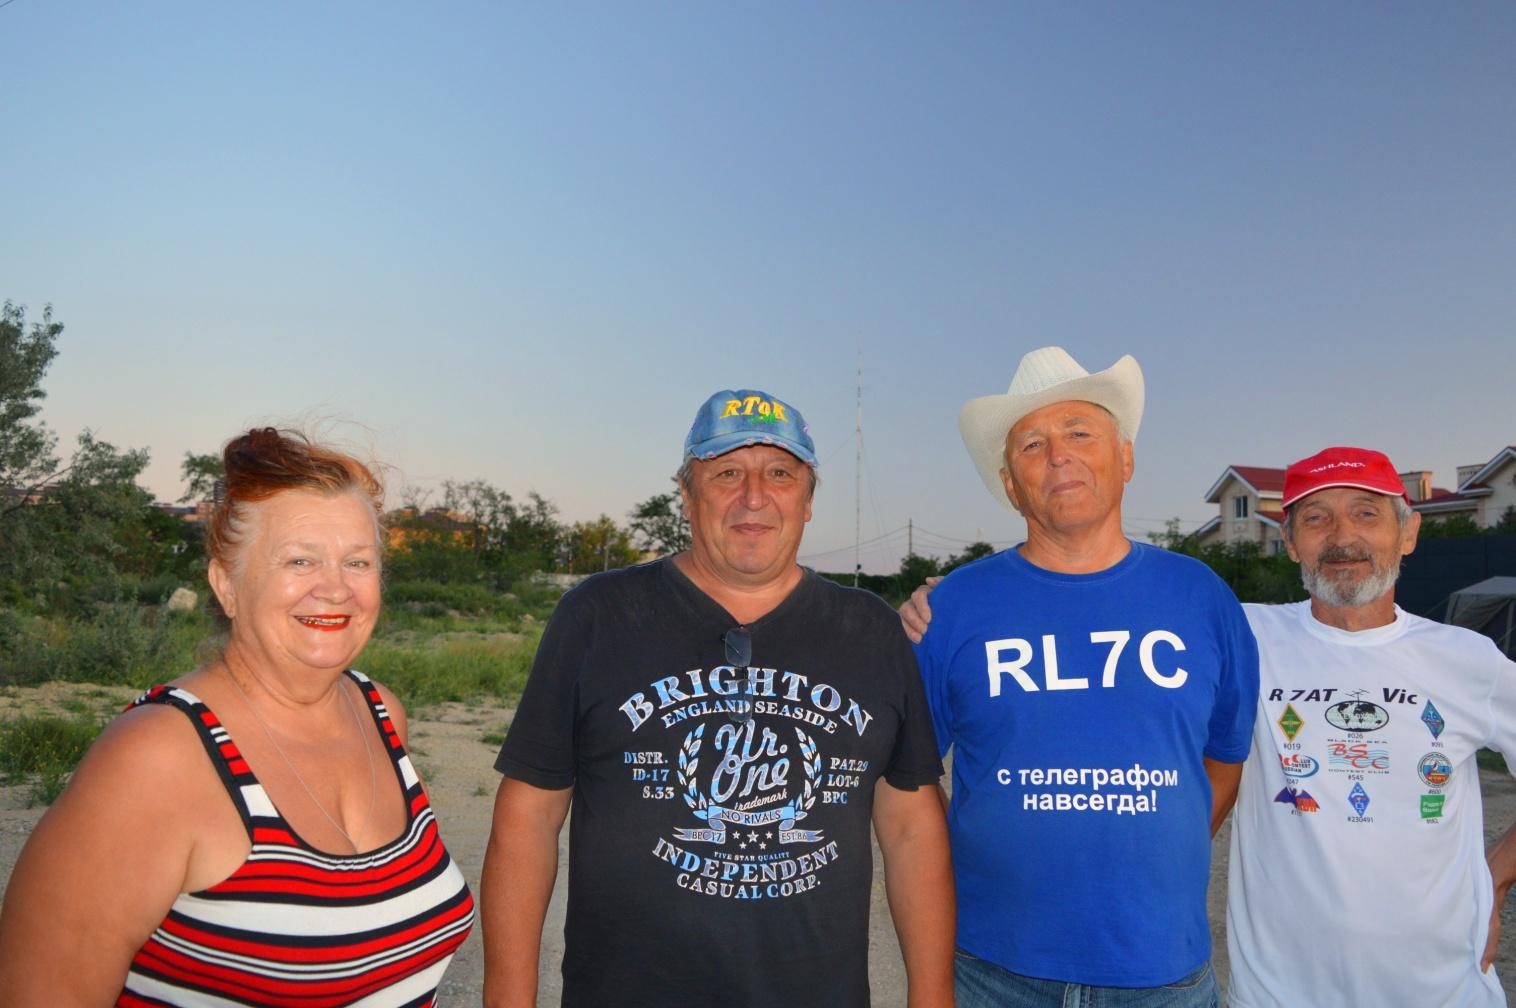 Наши гости RL7C – Леонид Синдецкий с женой, RL6C   Сергей Надточий и  R7AT – Виктор Шейкин